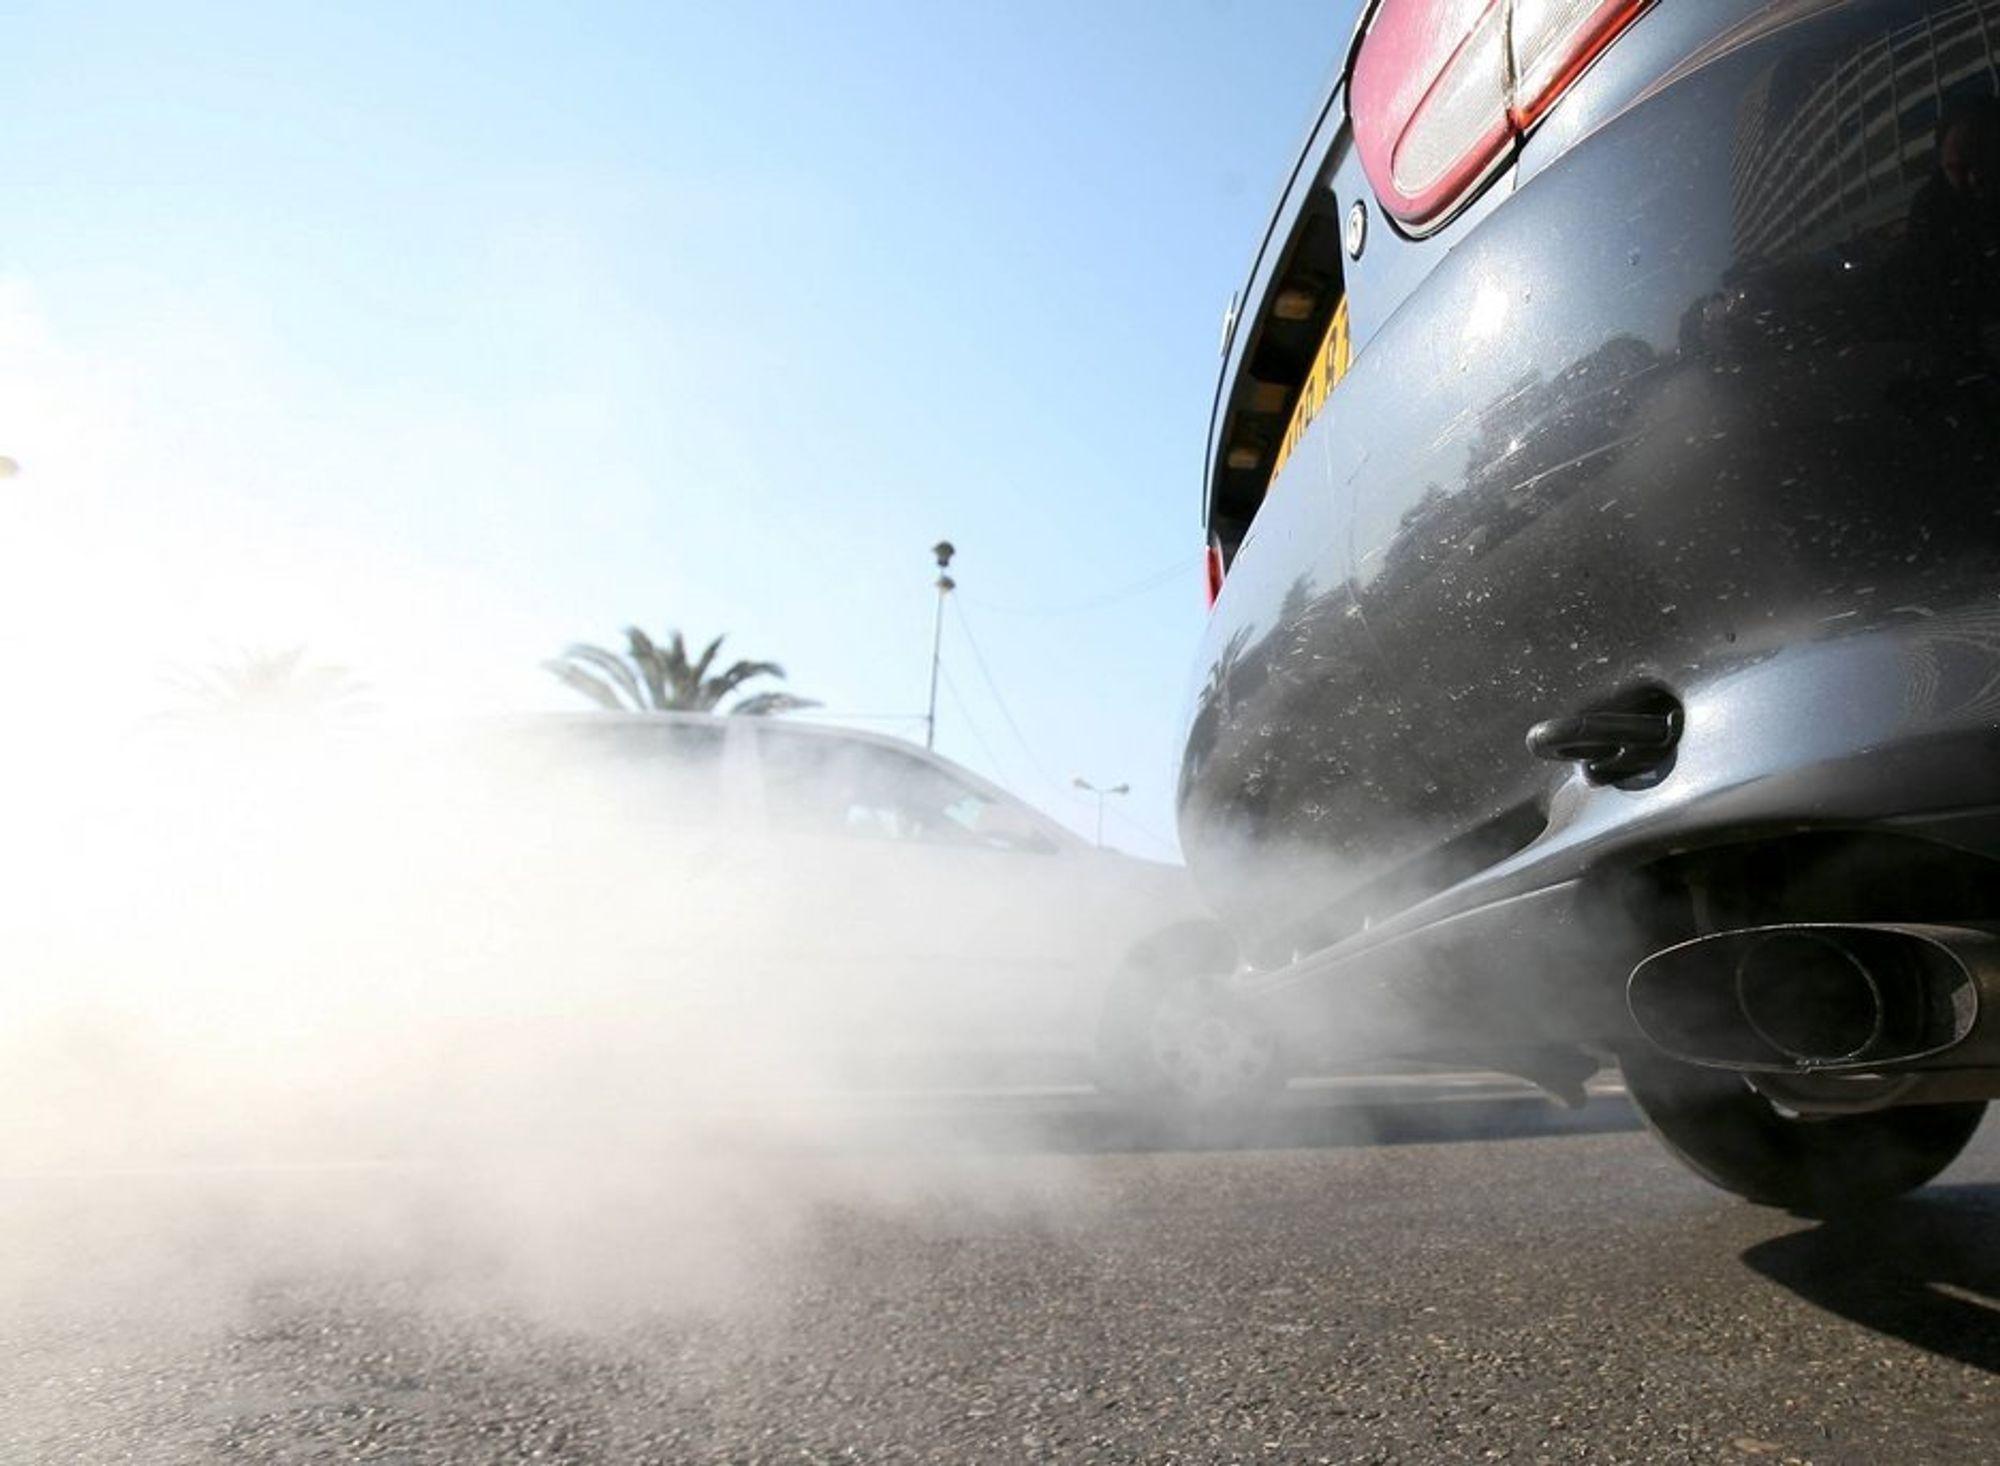 Store deler av energien i en forbrenningsmotor forsvinner ut gjennom varme i eksosen. Nå skal en ny utvikling innen termoelektriske elementer la bilprodusentene hente tilbake noe av dette.